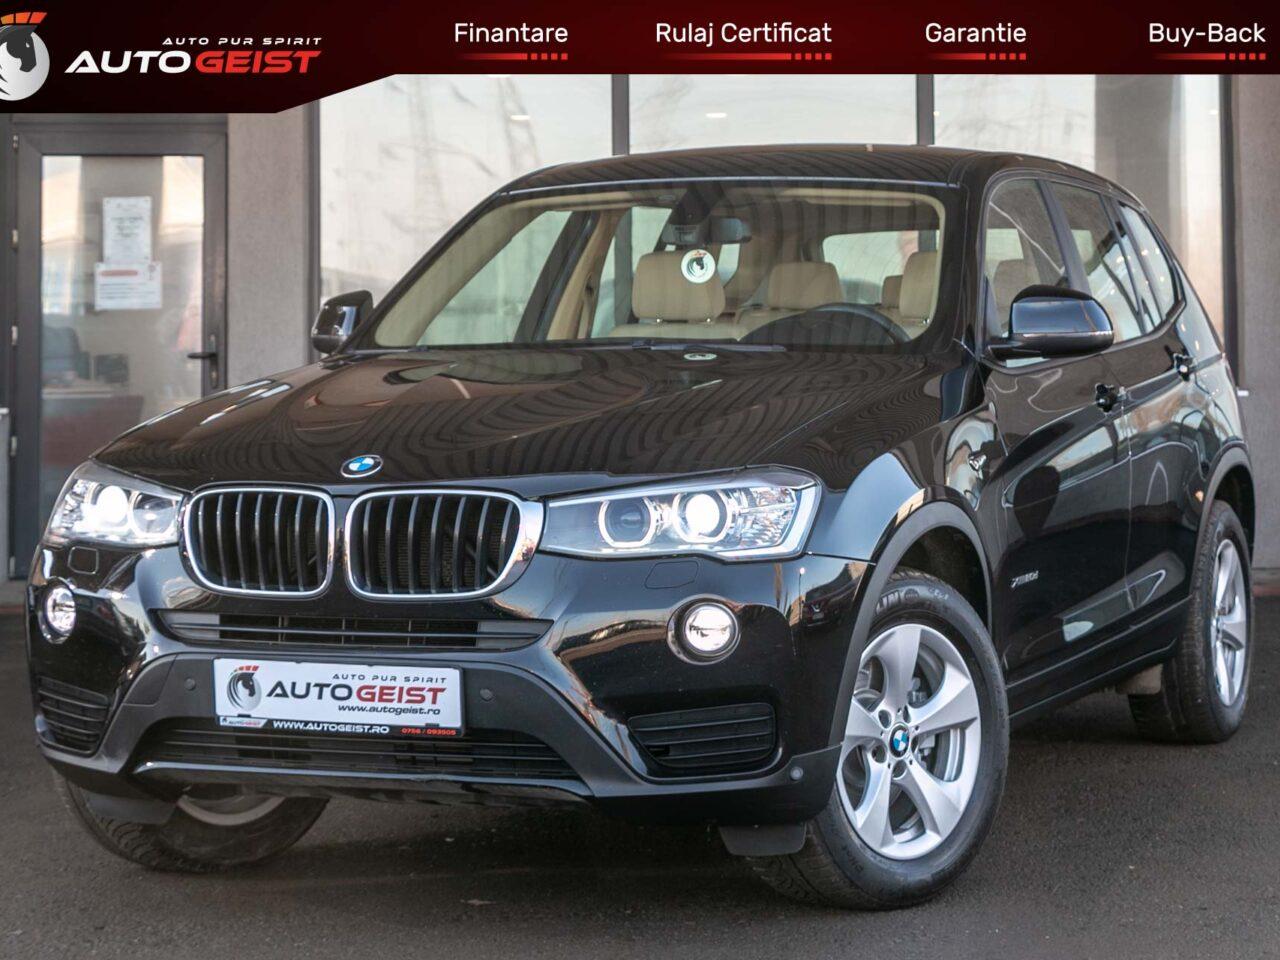 BMW-X3-xDrive-automata-3371